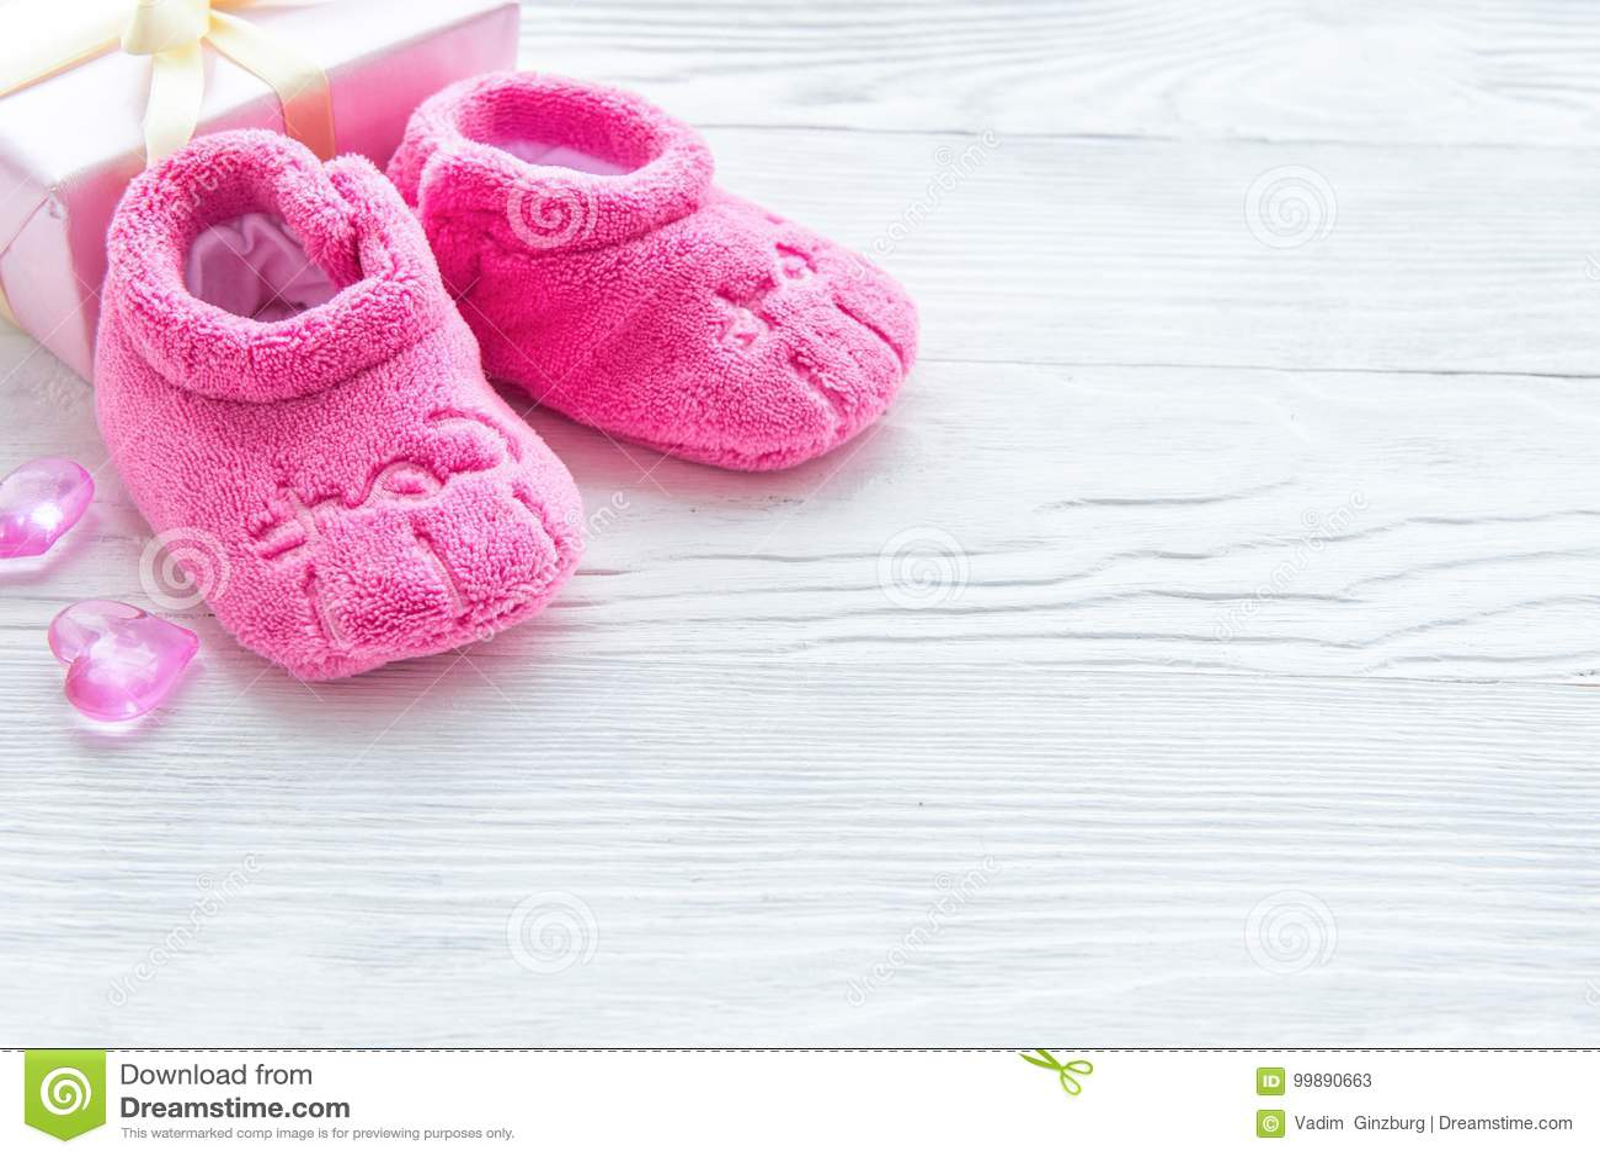 finest selection 4c107 40167 Rosa Baby ` S Babyschuhe Auf Hölzernem Hintergrund Stockbild ...